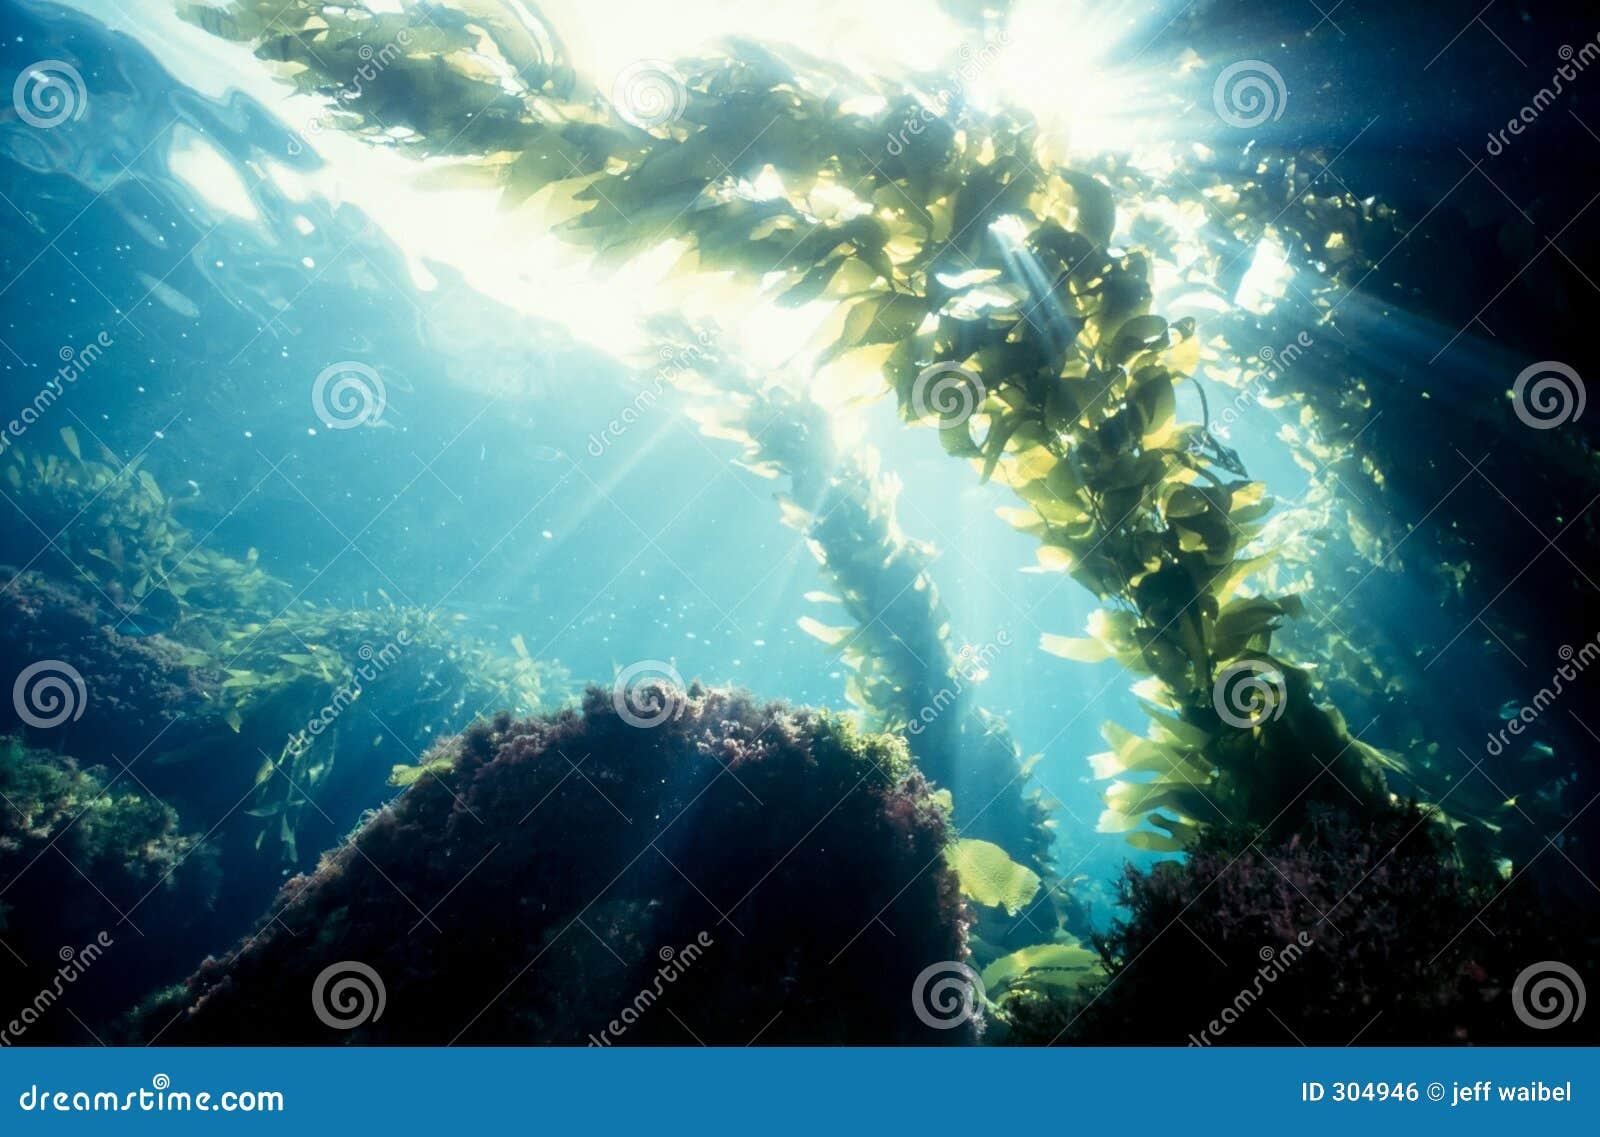 Kelpwaldsonnenschein